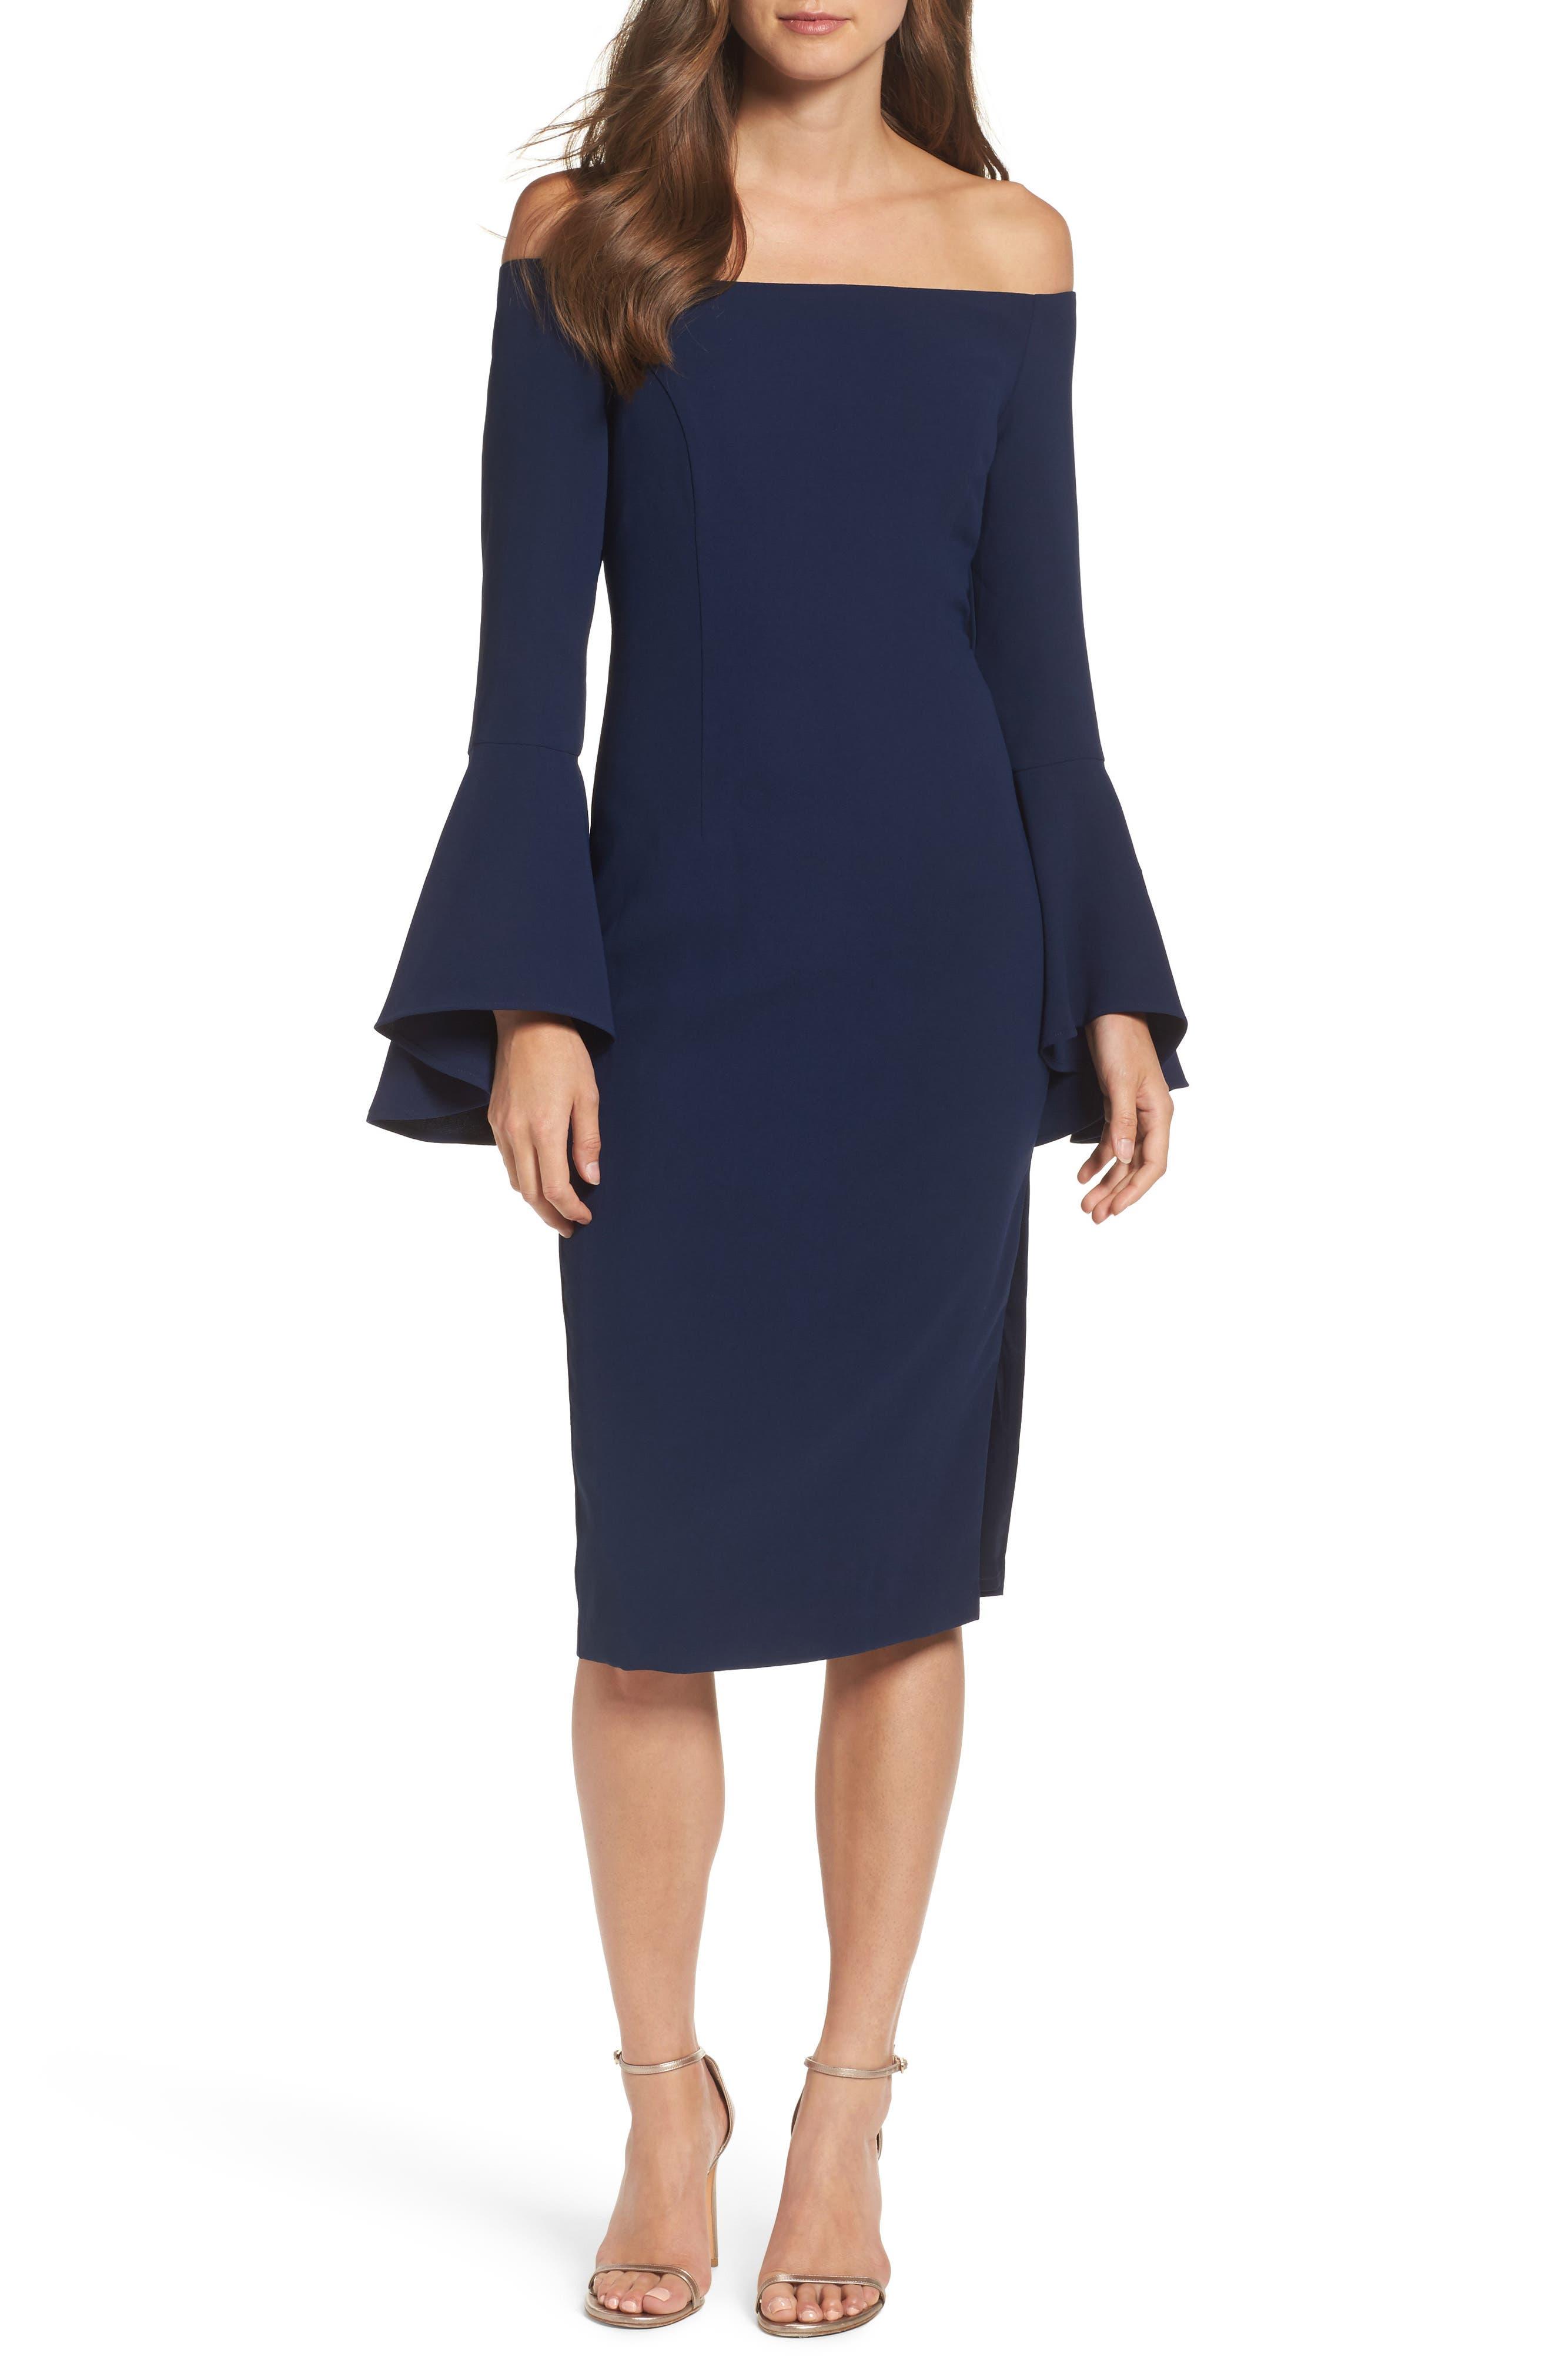 Bardot 'Solange' Off the Shoulder Midi Dress